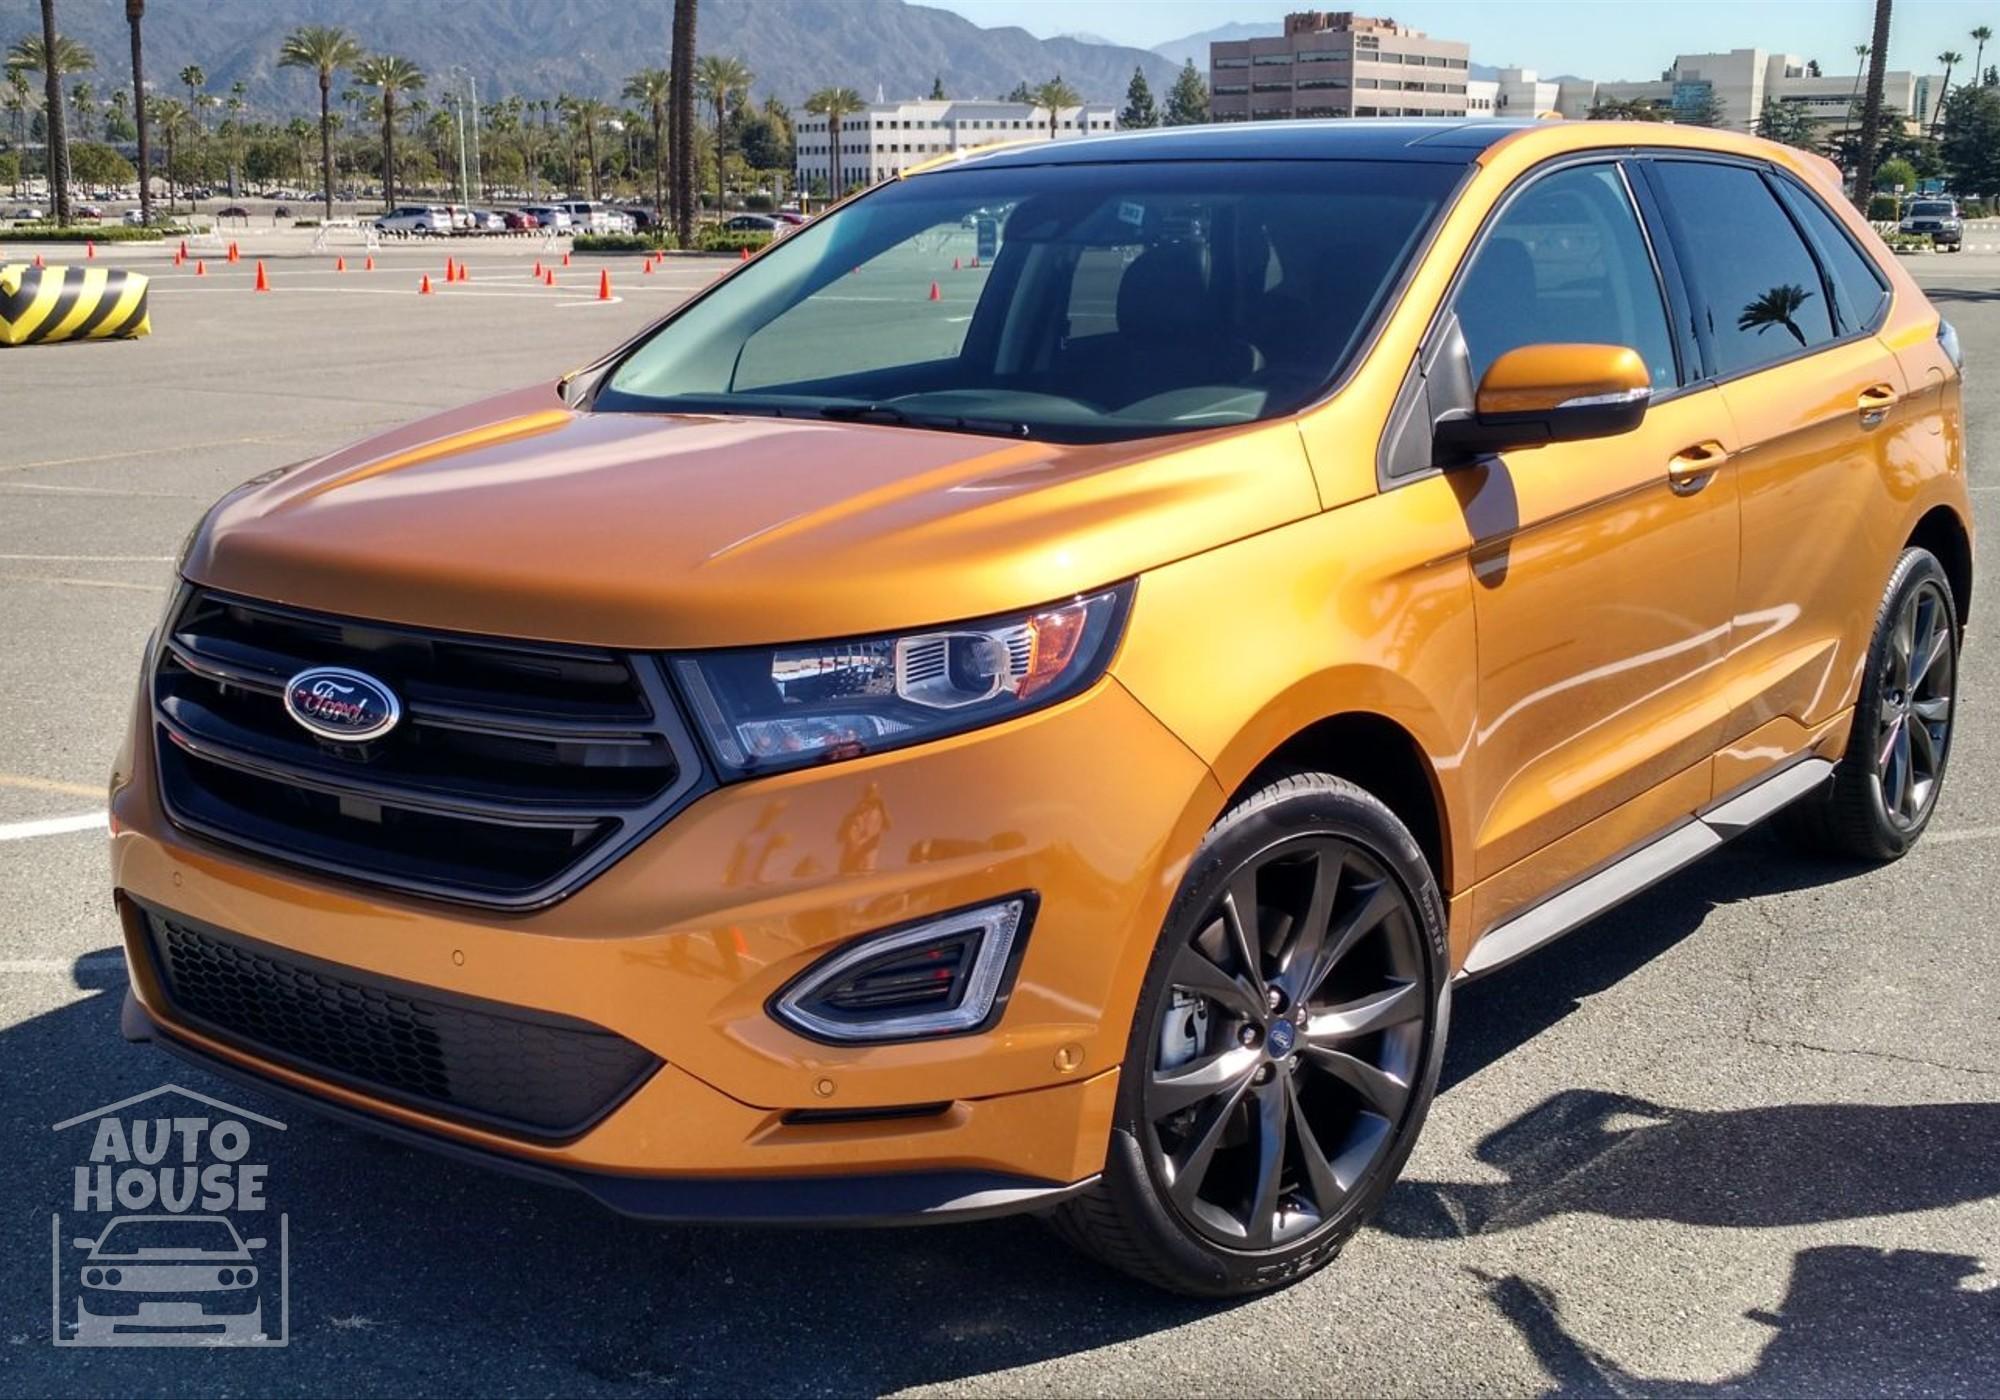 Ford Edge I 2014 г. в разборе